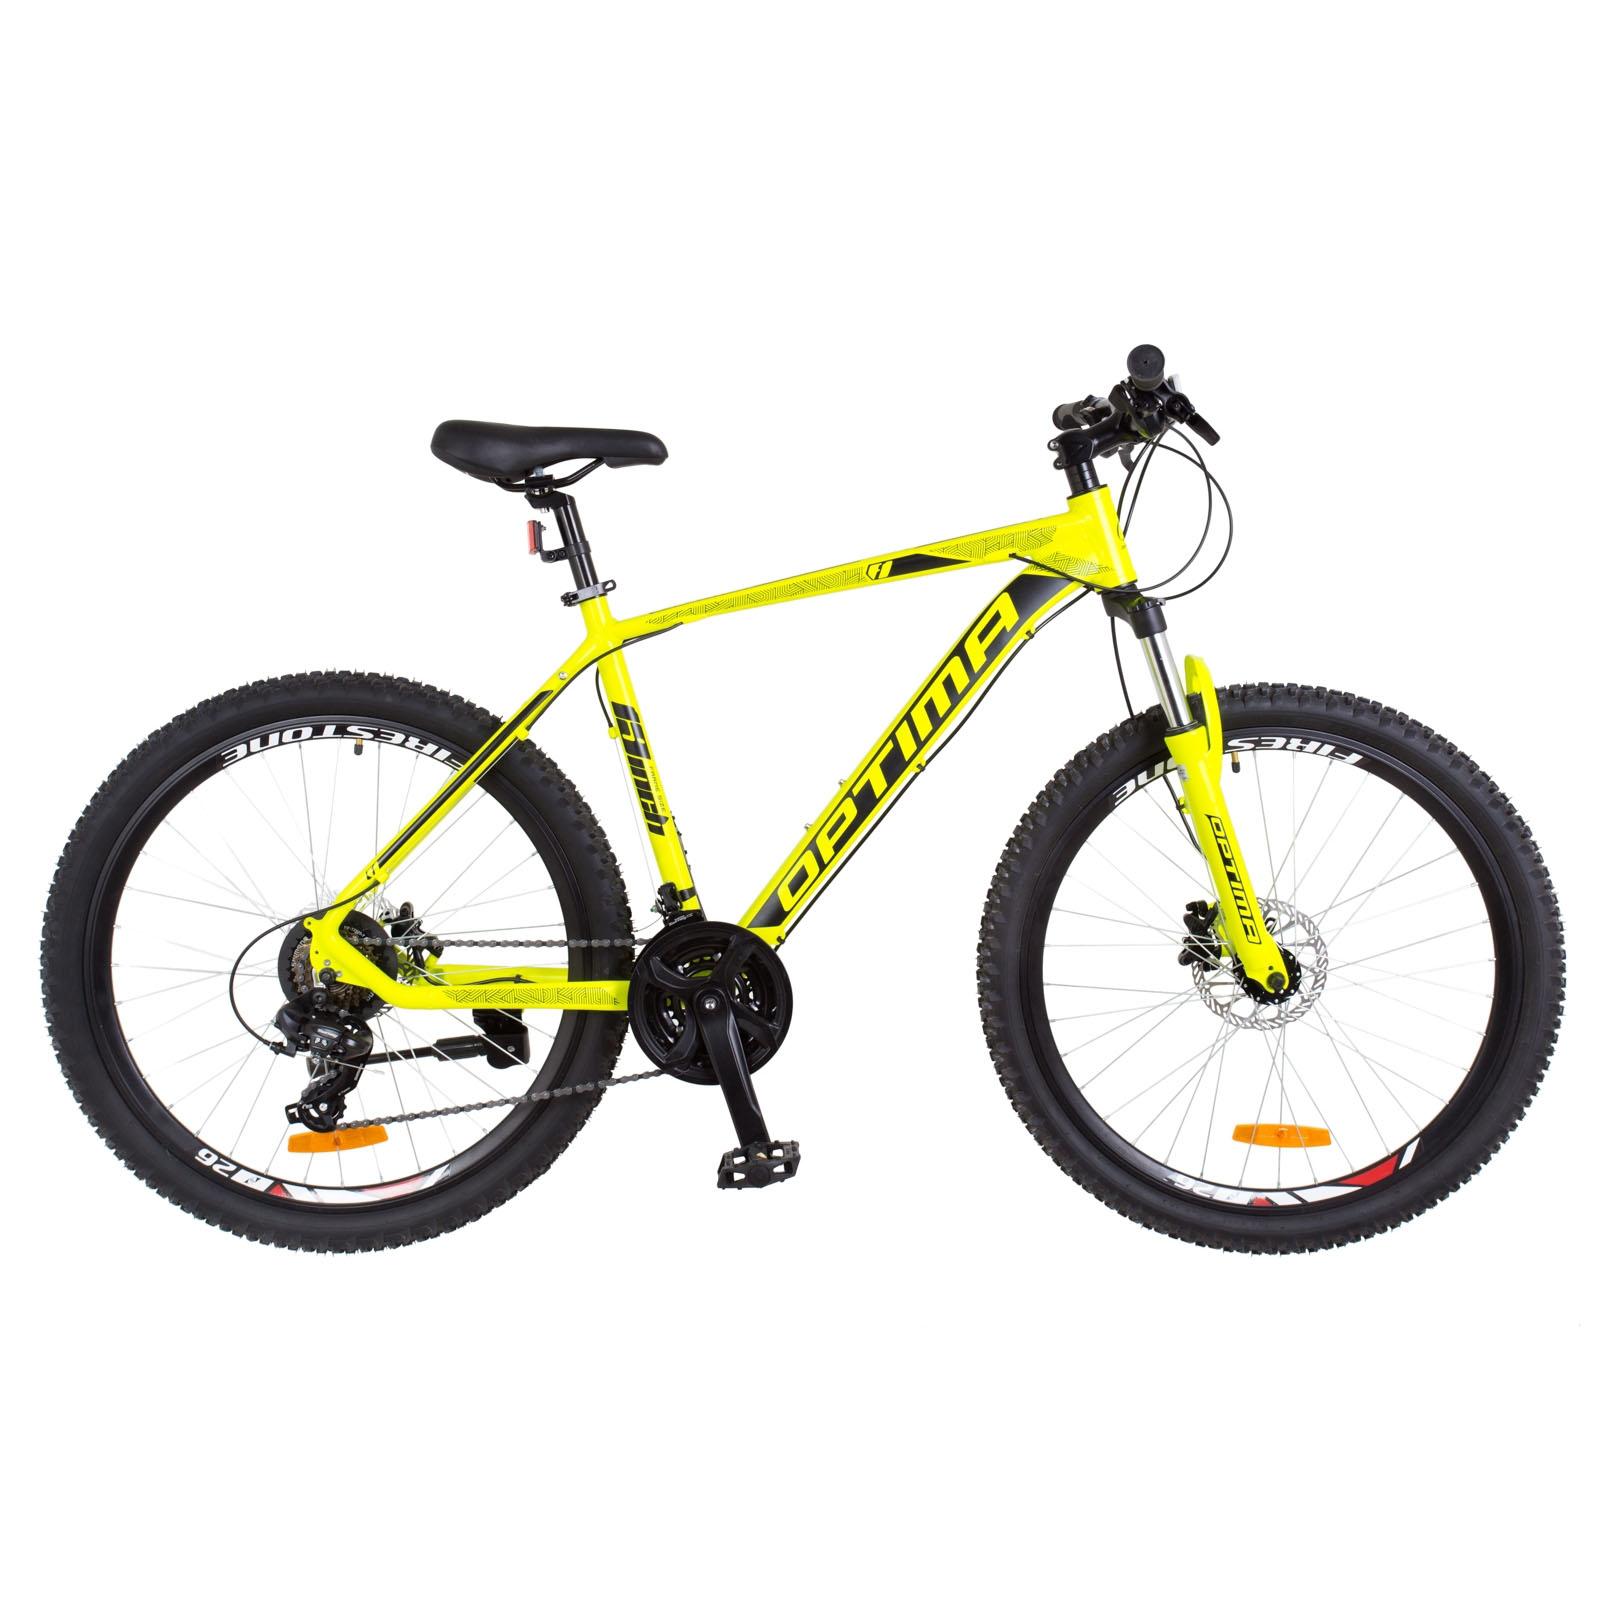 Фото Горный Велосипед 26  Optimabikes F-1 HDD желтый неон 2018